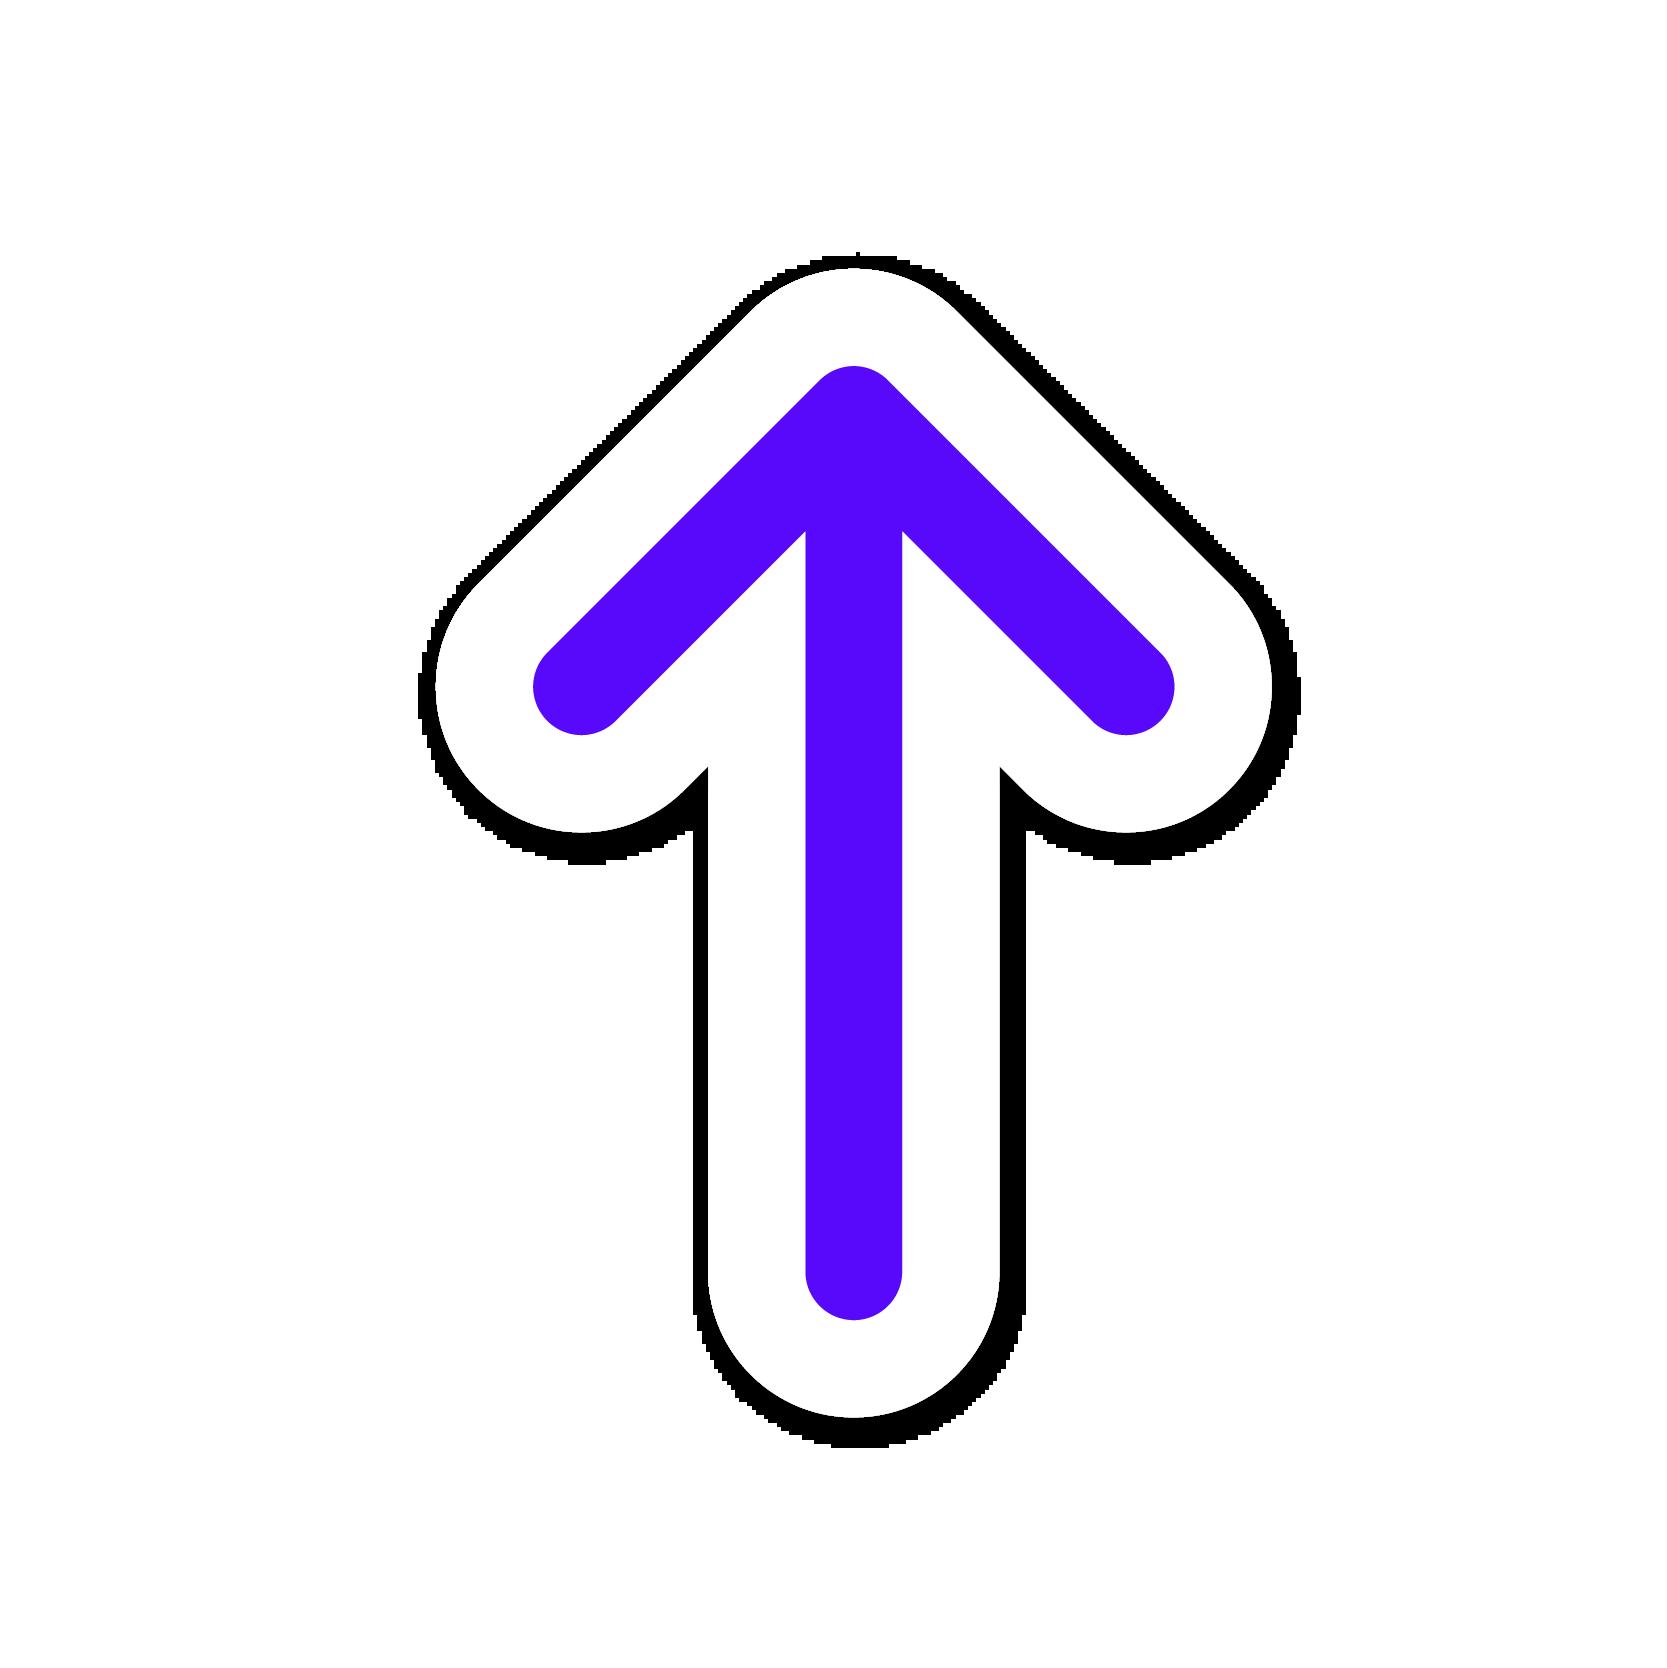 A purple arrow sticker